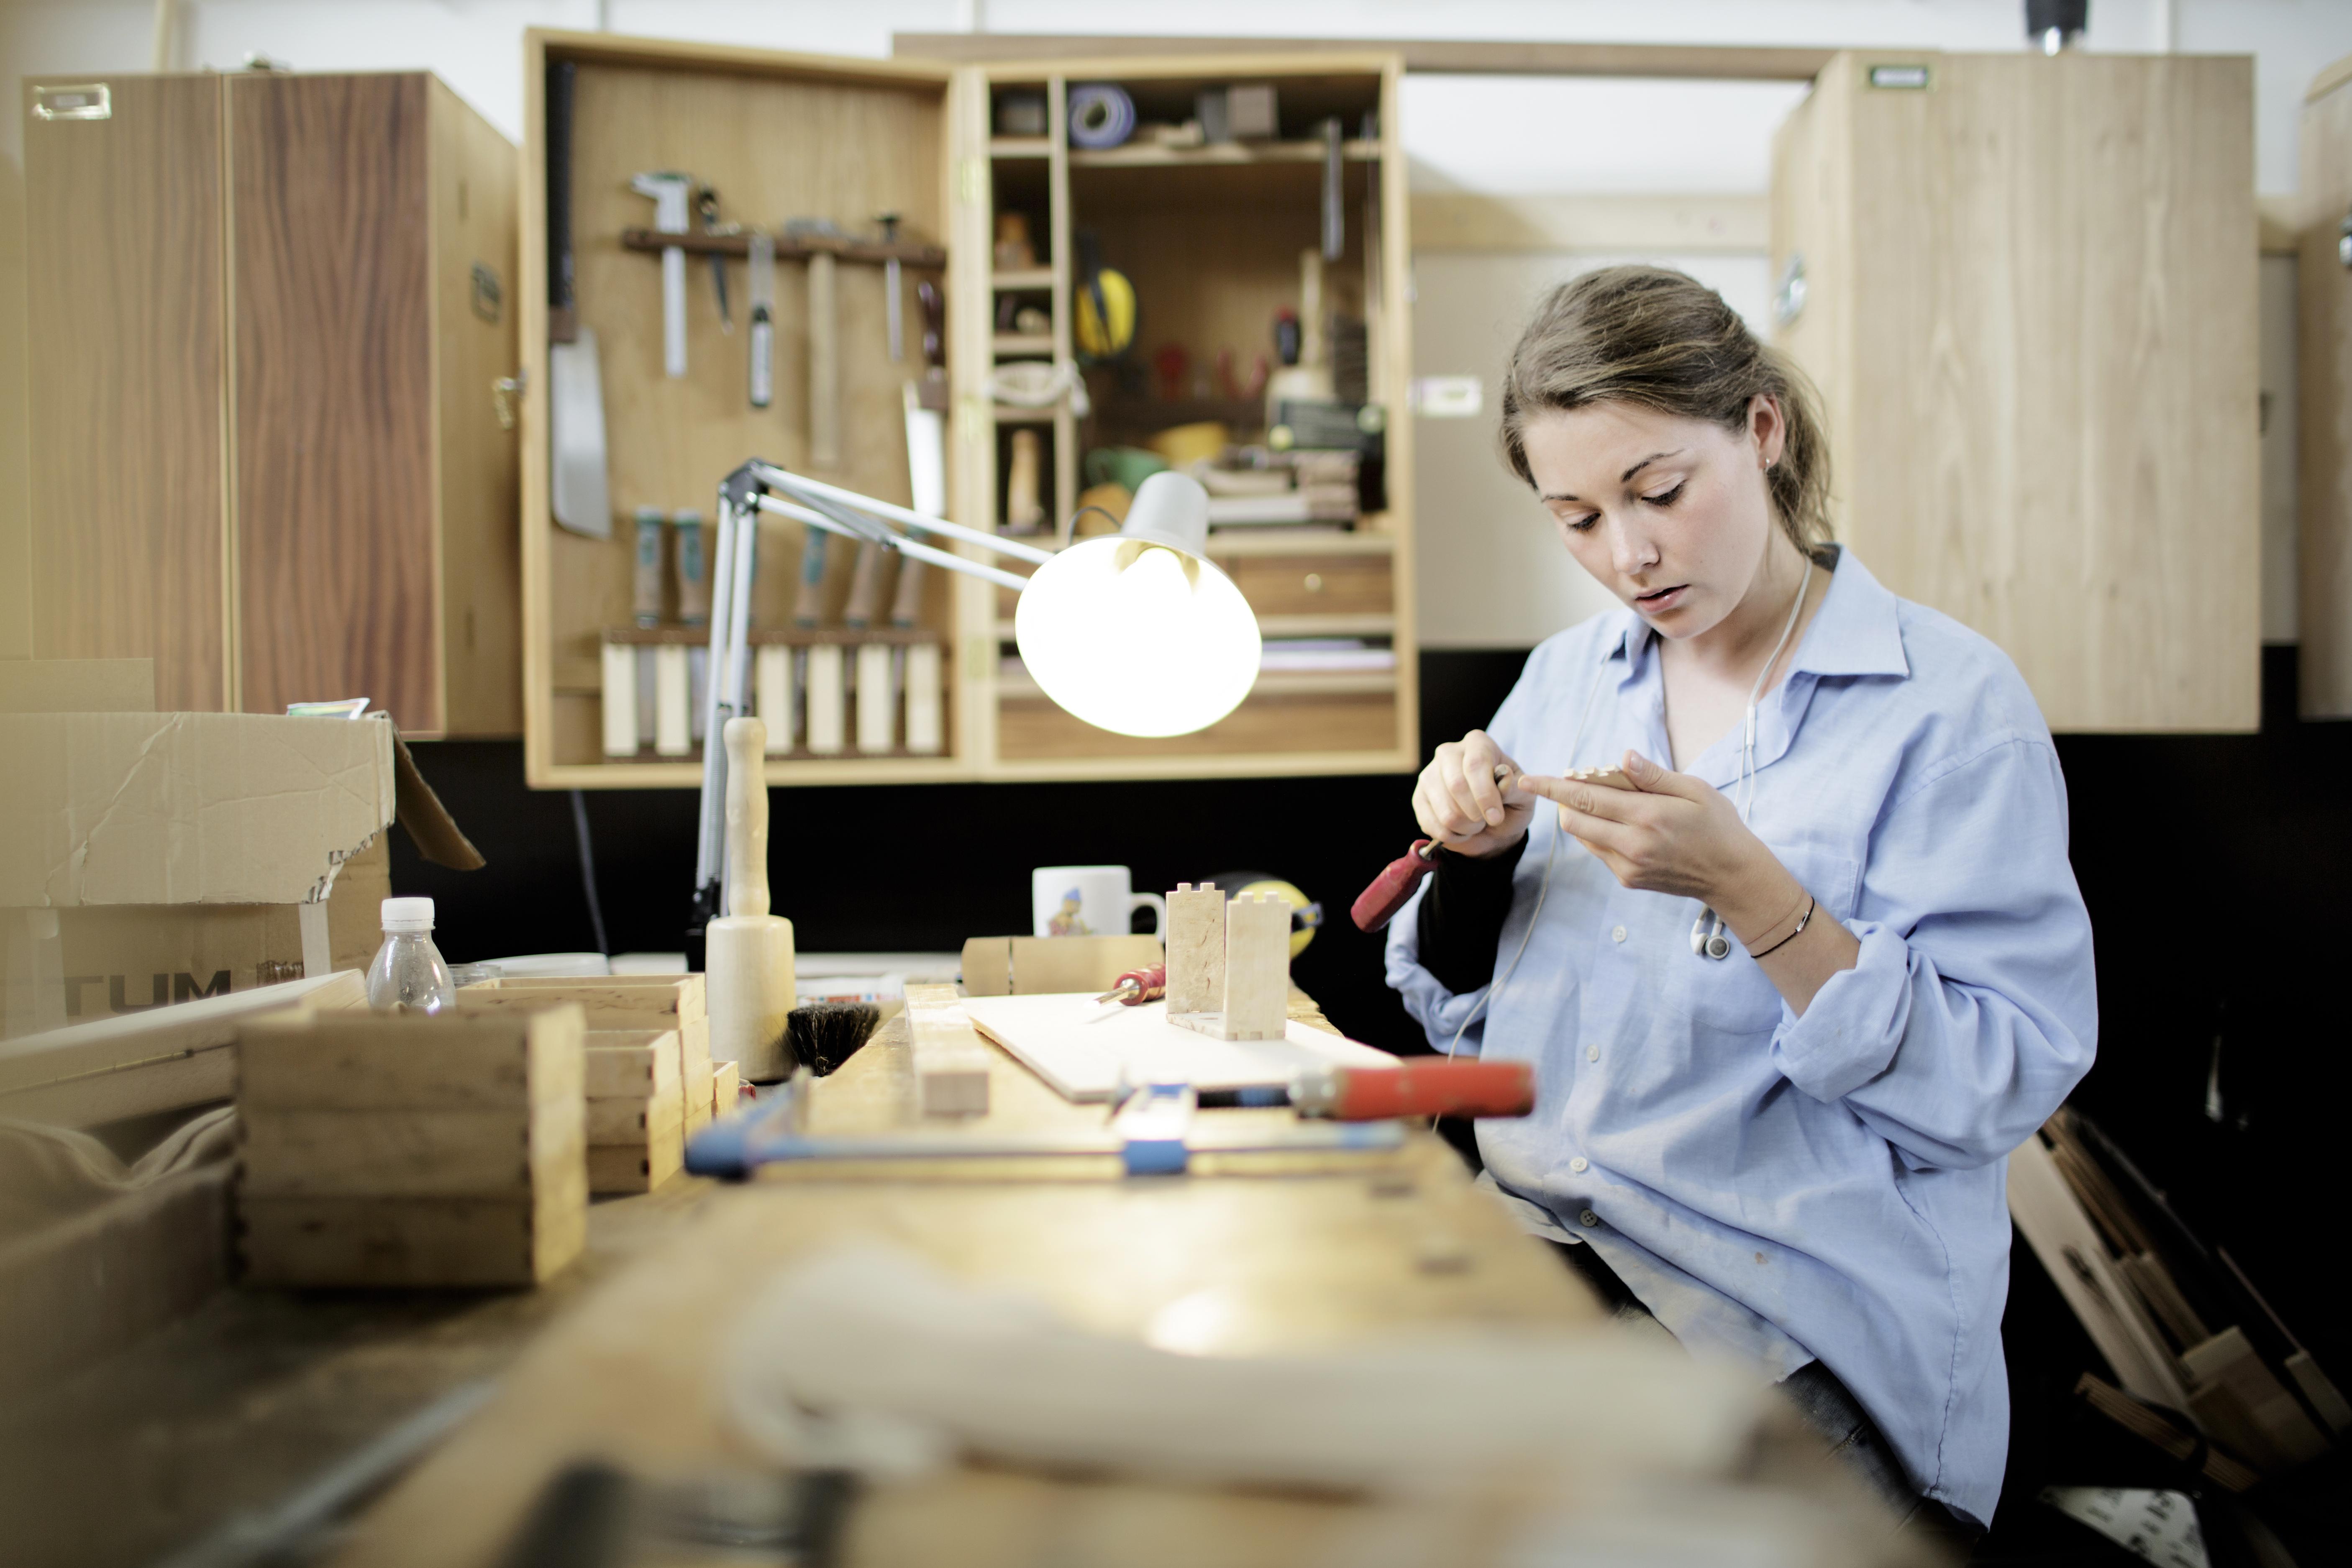 Elever i skolepraktik som snedkerne, og møbelsnedkere pŒå en afdeling af Københavns Tekniske Skole i Herlev. Trine Munk, 24, møbelsnedker-lærling (Foto: Polfoto)